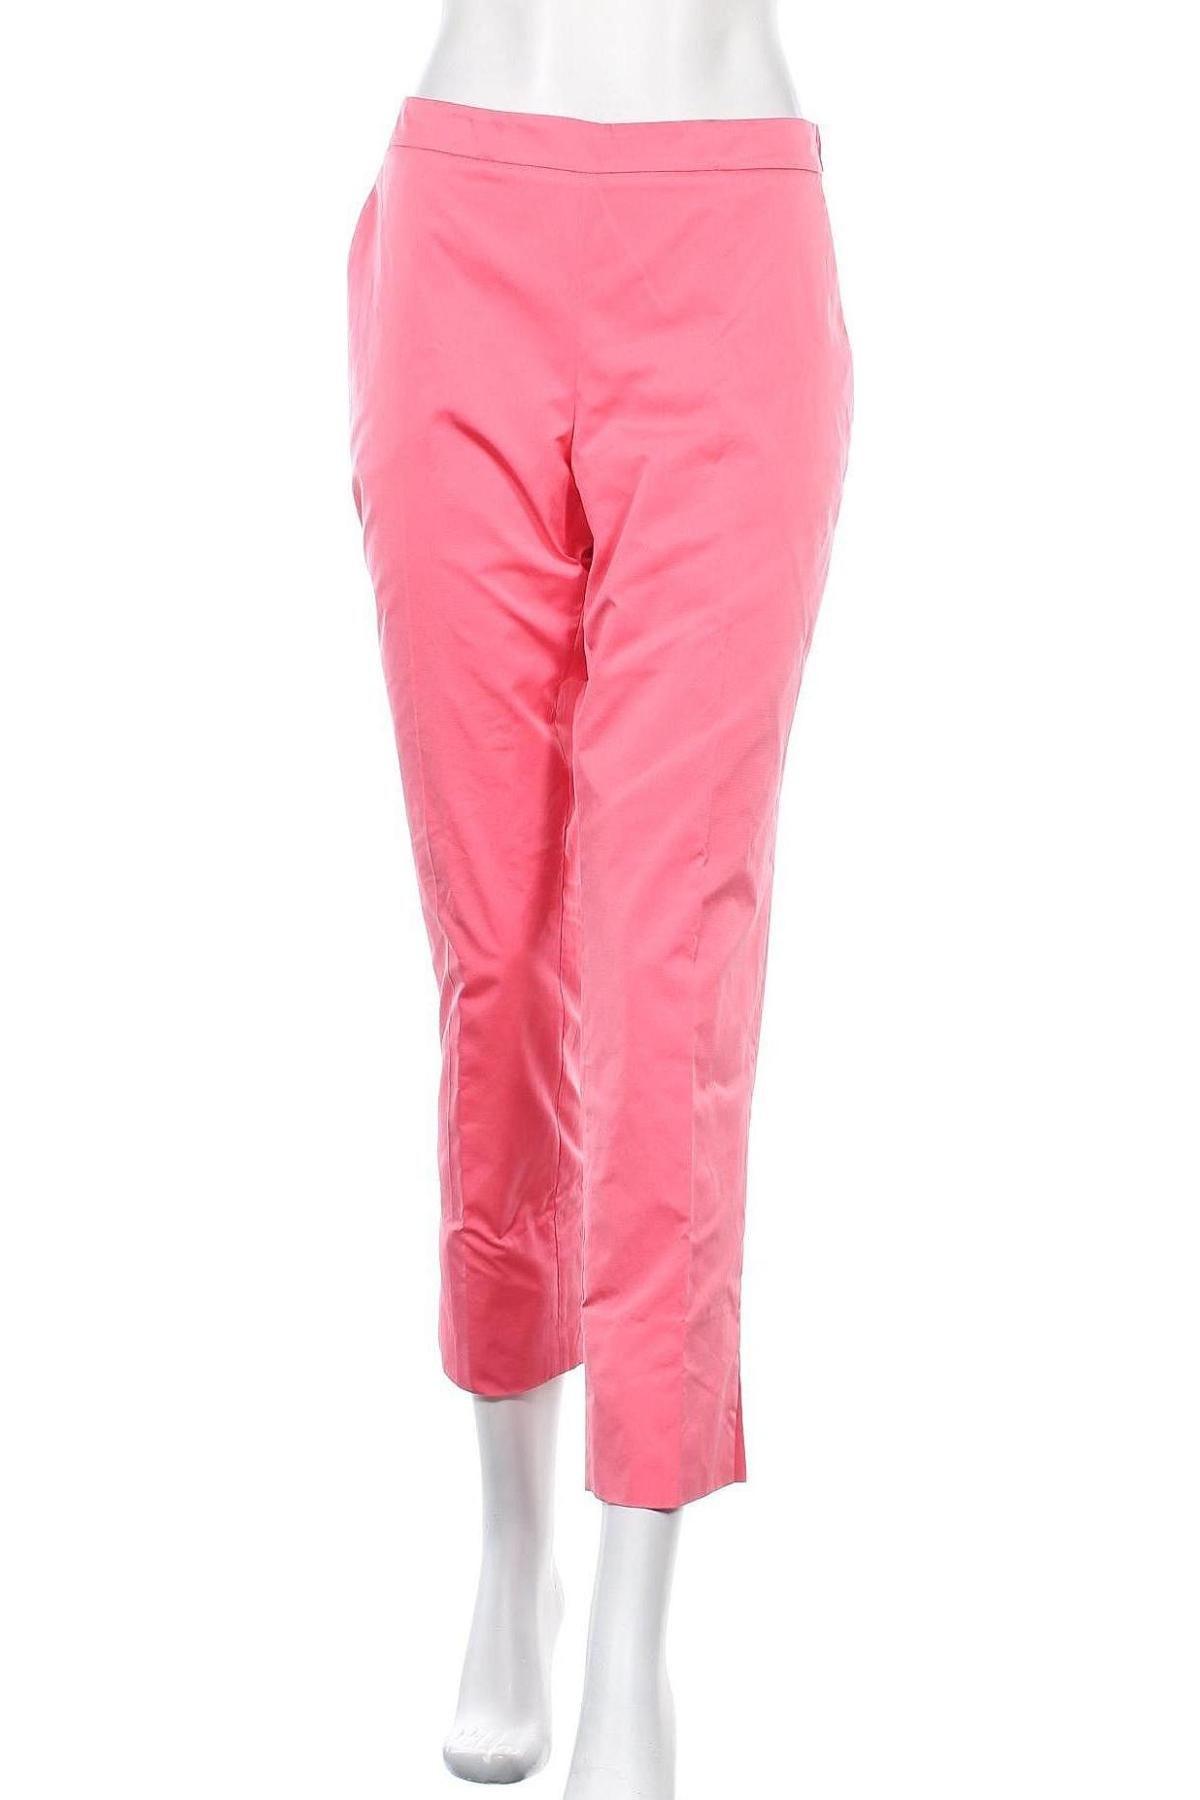 Γυναικείο παντελόνι TWINSET, Μέγεθος L, Χρώμα Ρόζ , 100% πολυεστέρας, Τιμή 57,60€